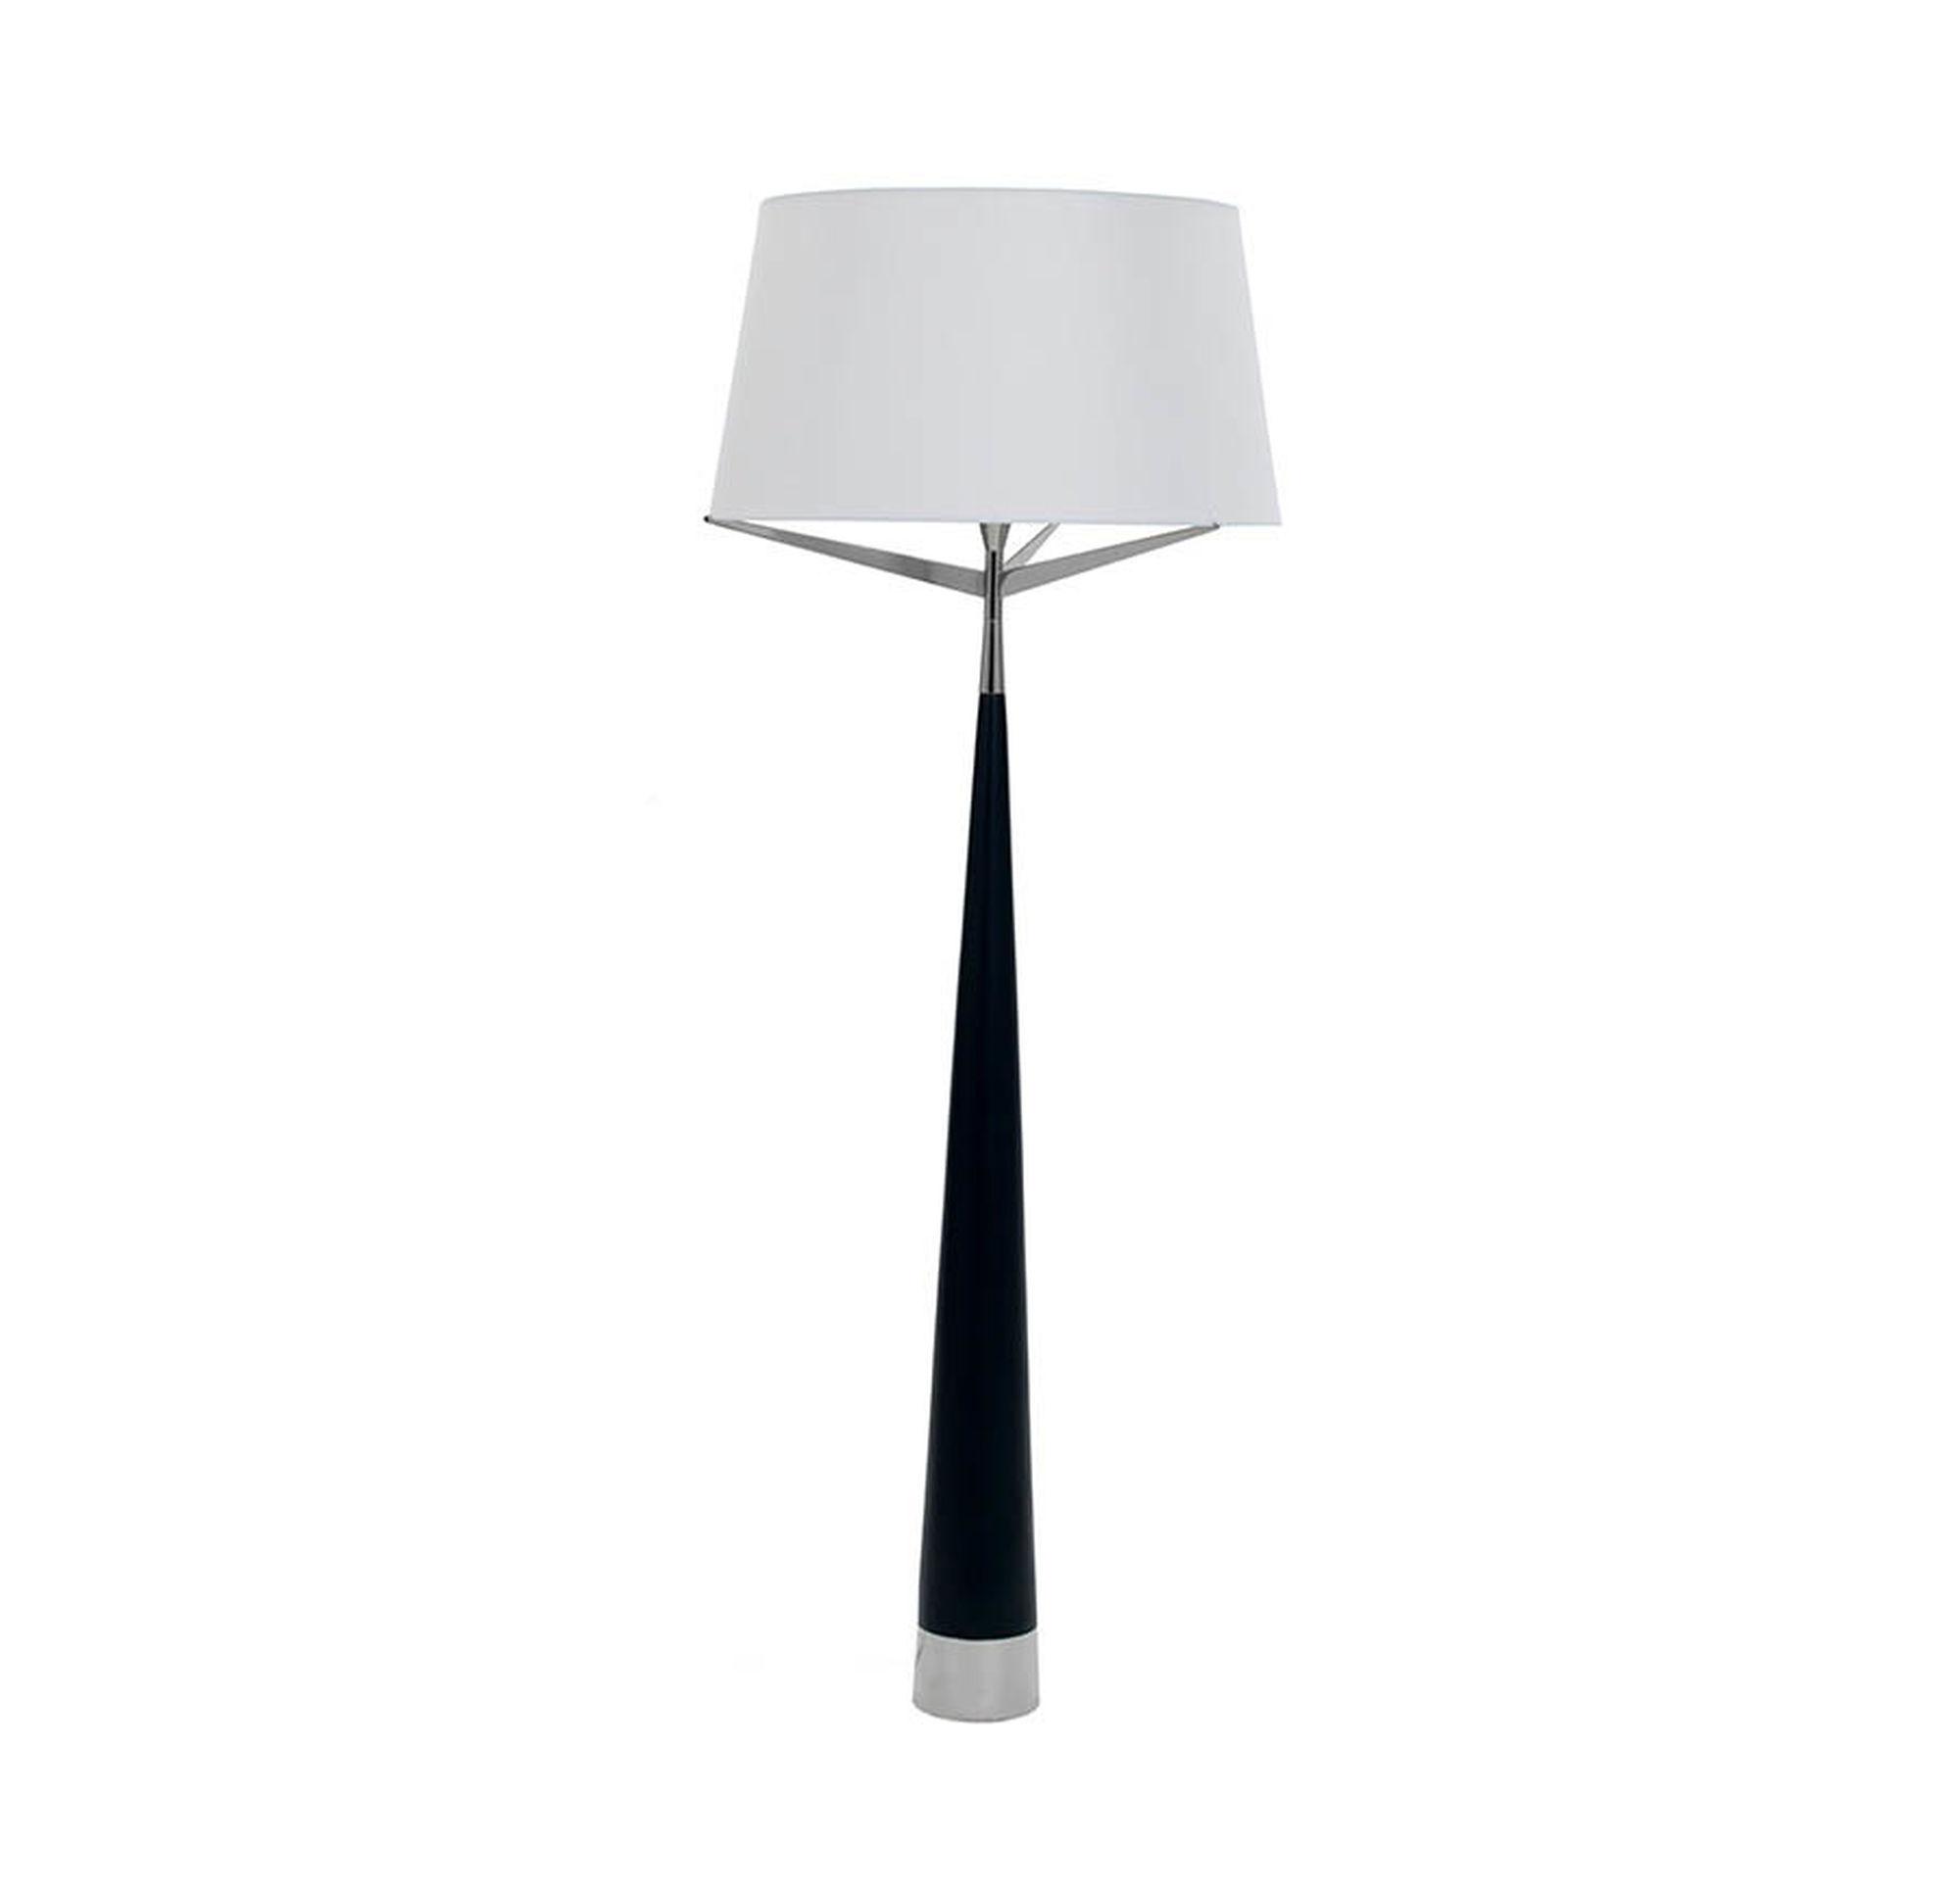 LUCA FLOOR LAMP - NICKEL  hi-res  sc 1 st  Mitchell Gold + Bob Williams & LUCA FLOOR LAMP - NICKEL